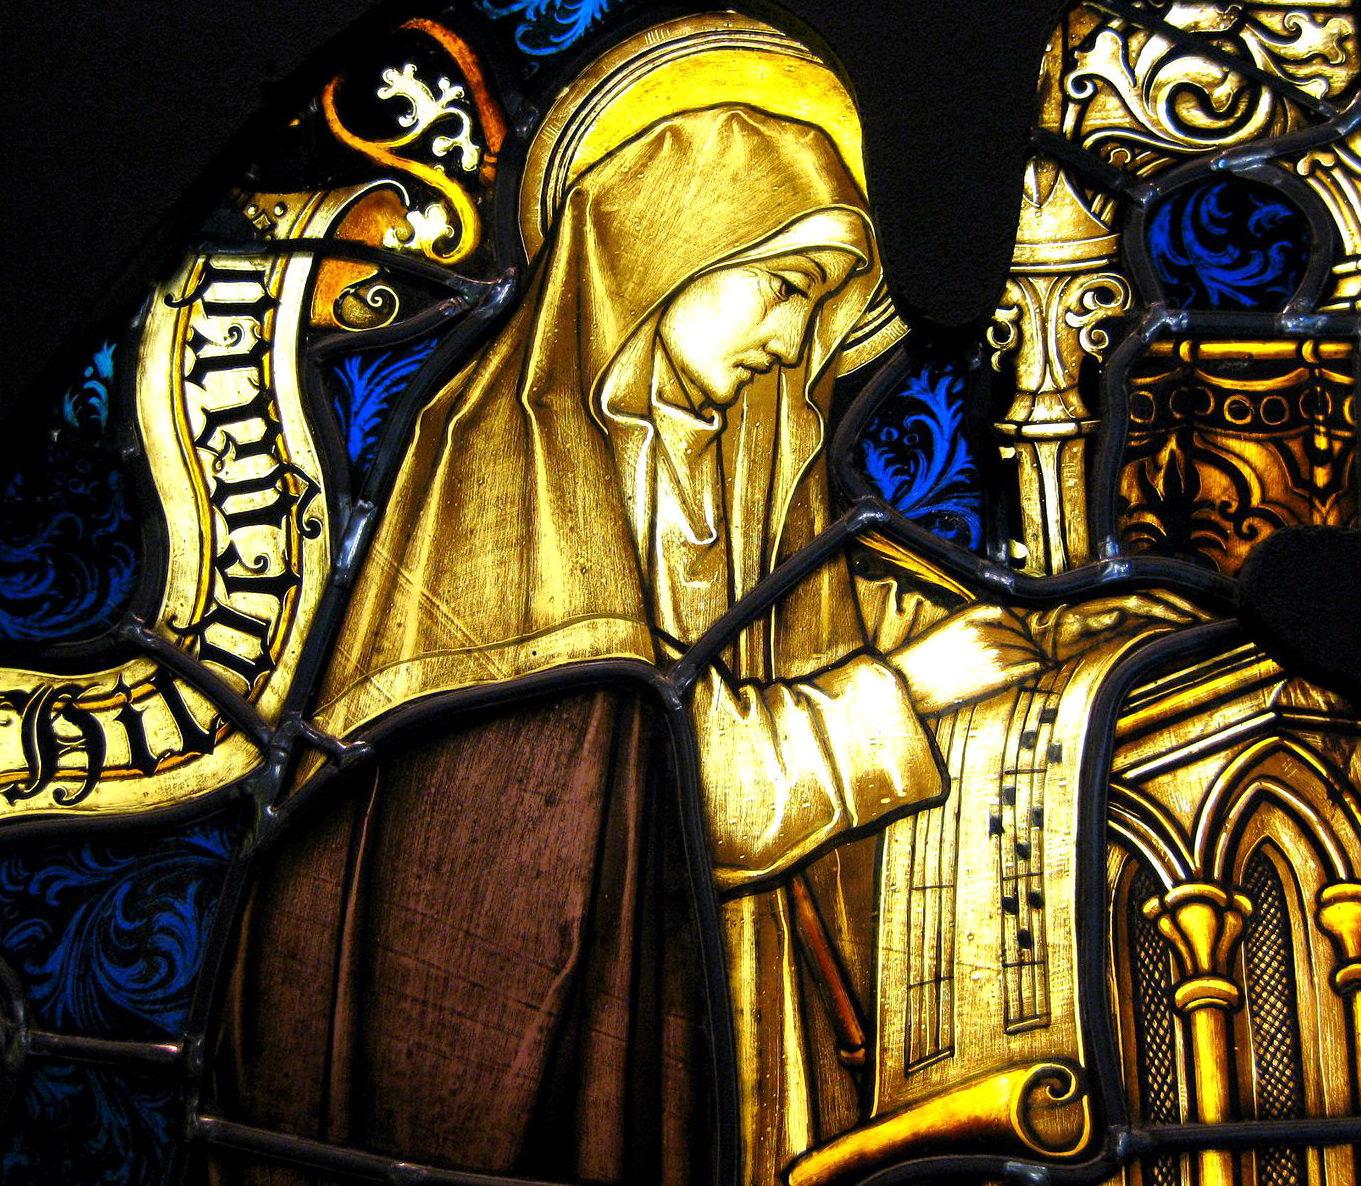 De wijsheid van Hildegard von Bingen